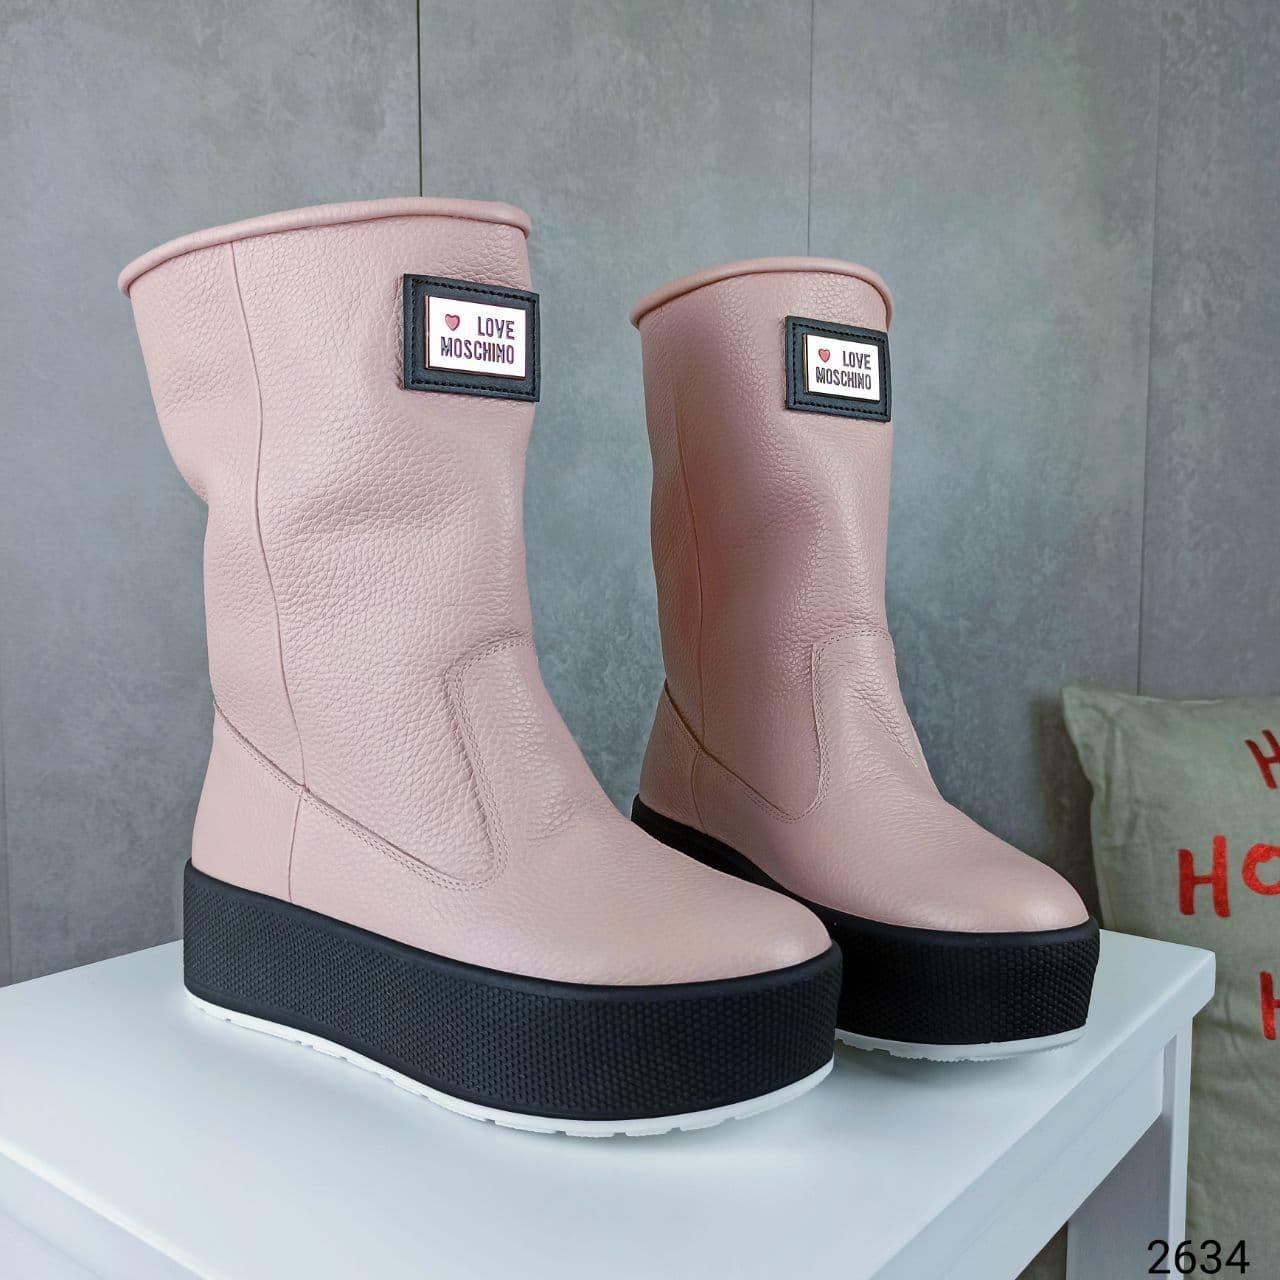 36 р. Ботинки женские зимние розовые кожаные на толстой подошве платформе из натуральной кожи натуральная кожа